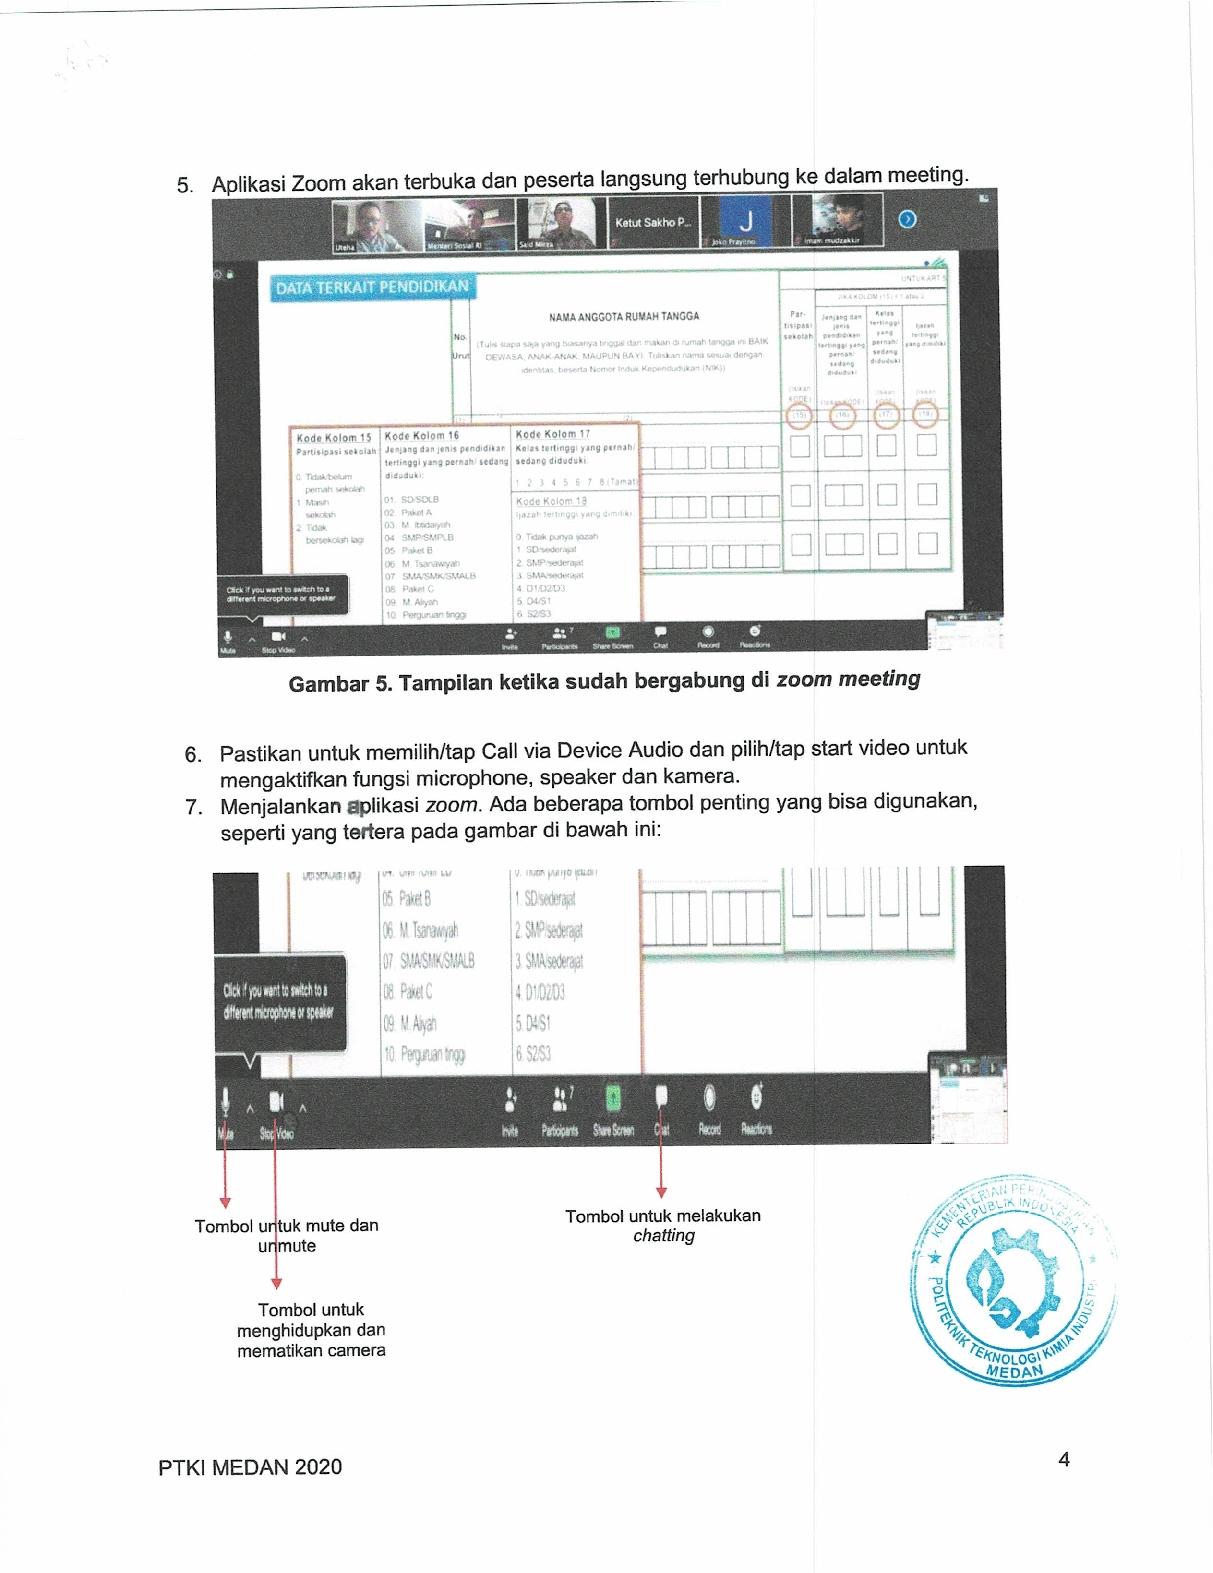 Pengumuman Panduan Orientasi Online (PKKMB) PTKI Medan dan Manual Book Zoom6